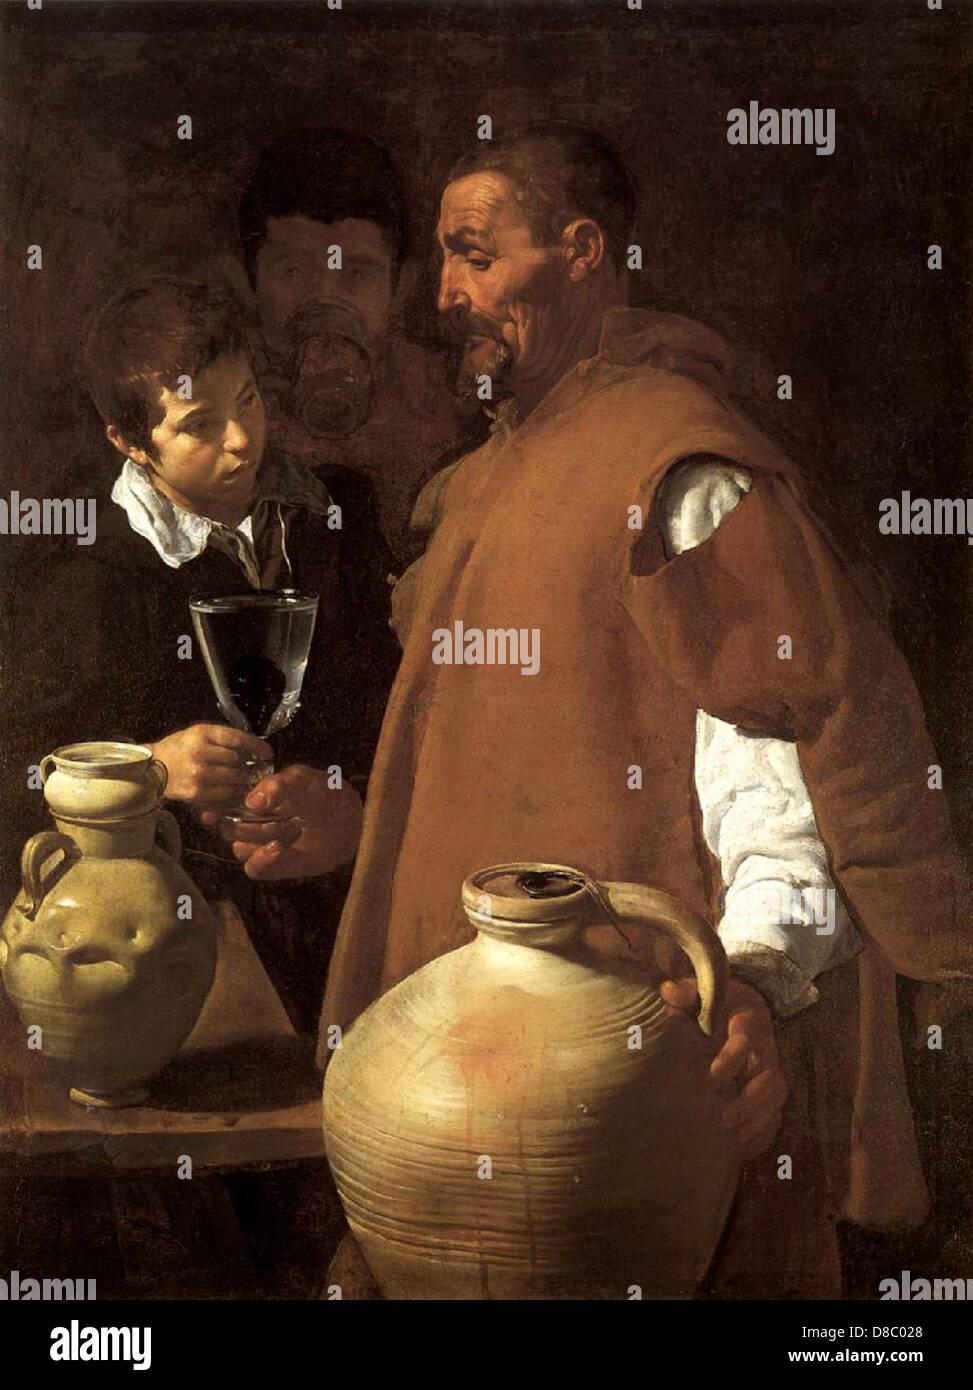 Diego Velazquez der Wasserträger von Sevilla 1620 Apsley House - London Stockbild